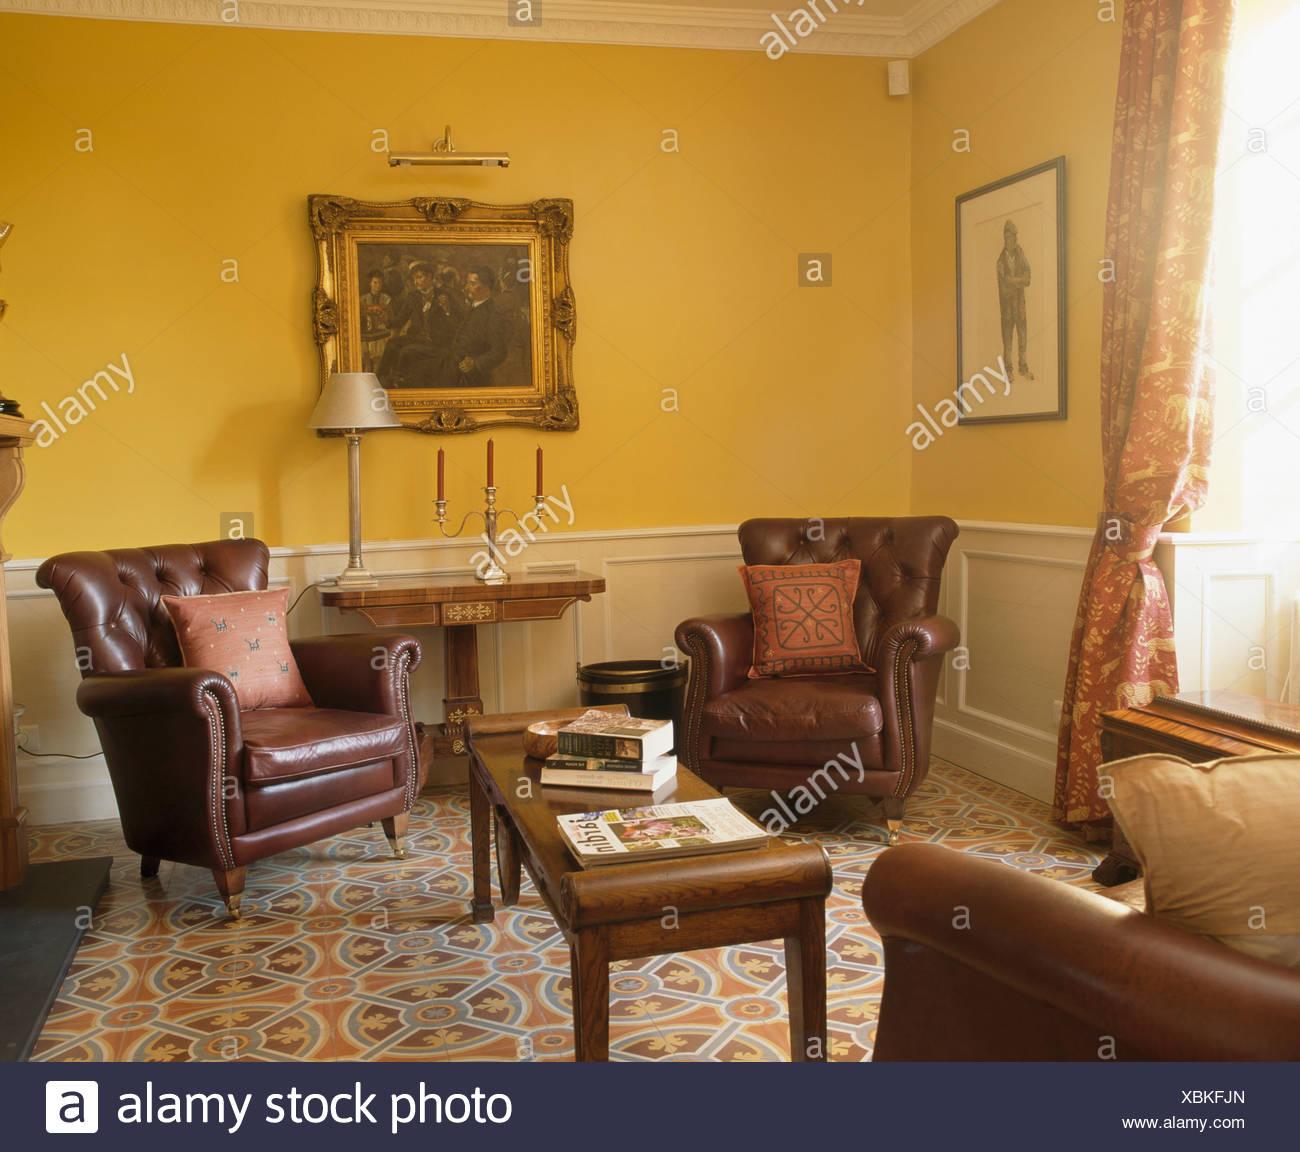 Braune Ledersessel und gemusterter Fliesenboden in gelb französische ...